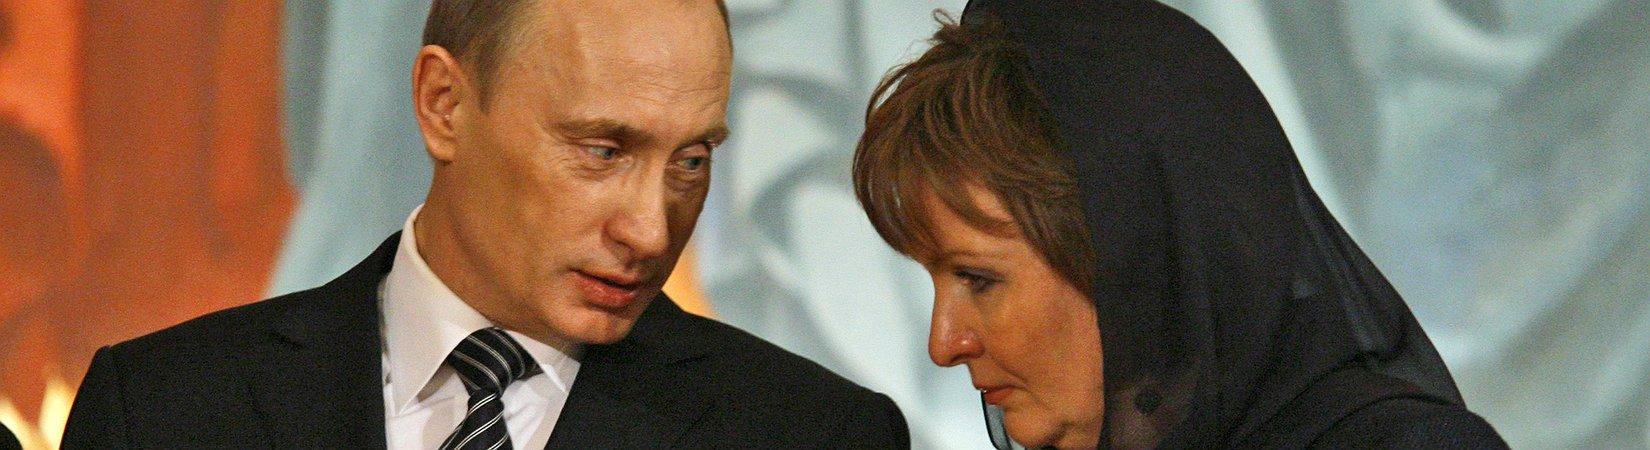 Фонд, близкий к Людмиле Путиной, зарабатывает миллионы на аренде в Москве